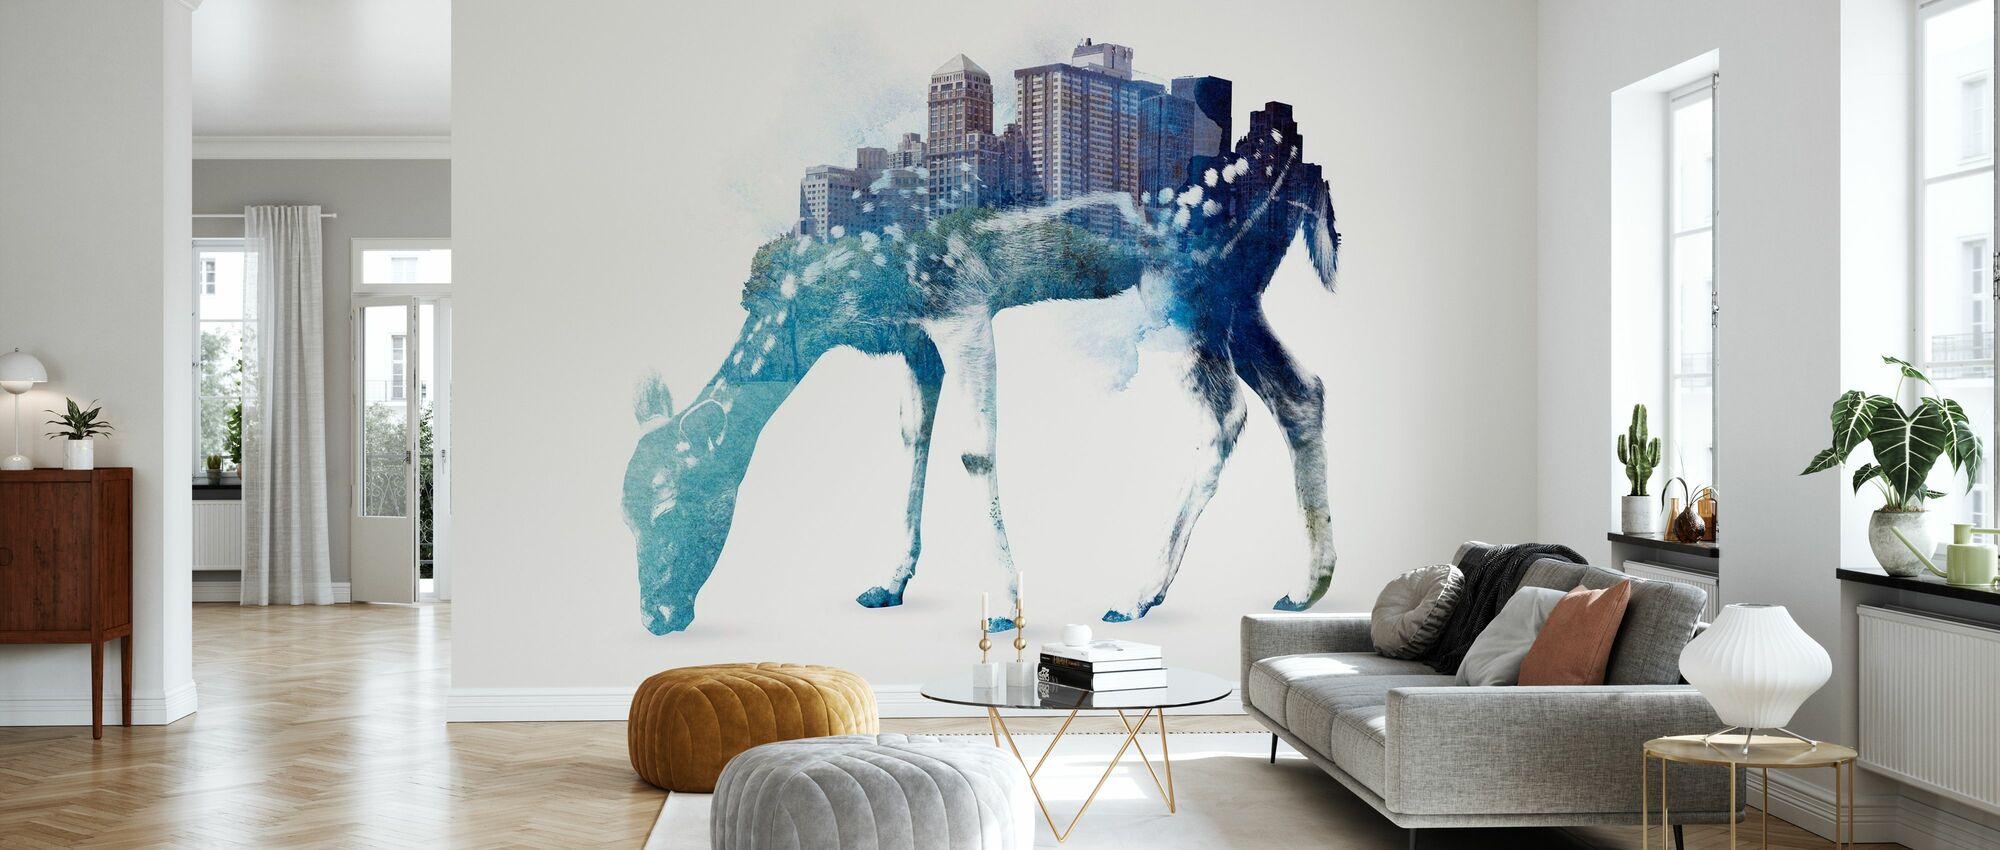 City Deer - Wallpaper - Living Room